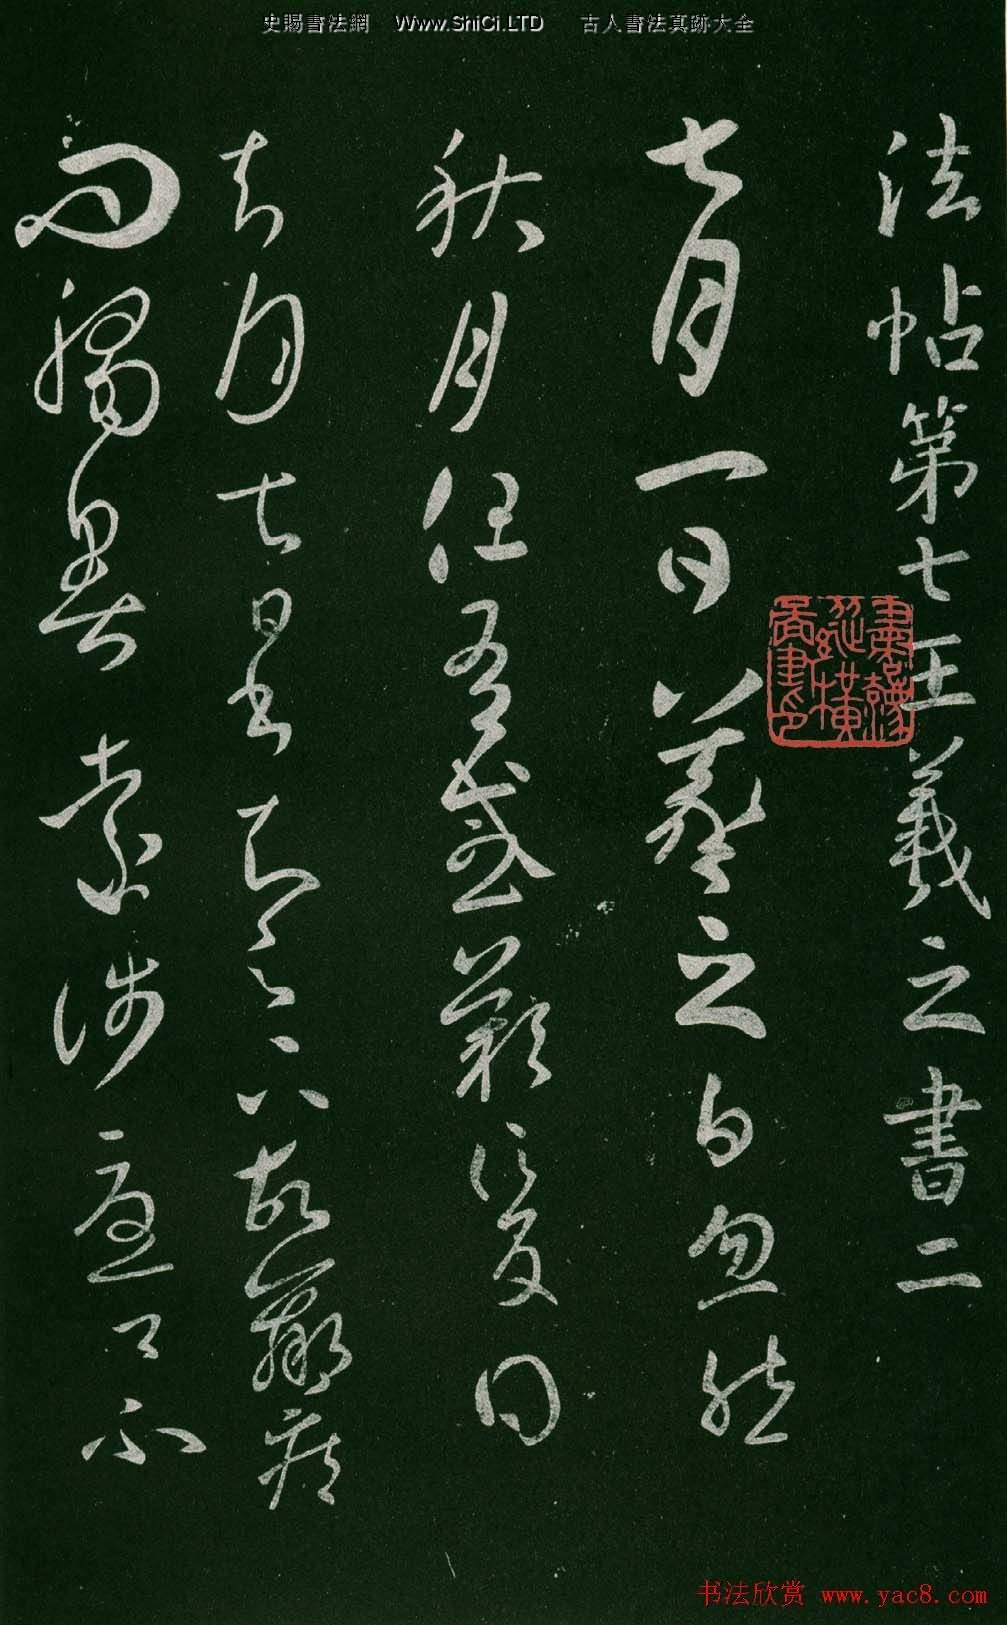 淳化閣帖(明肅府本)法帖第七王羲之書二(共46張圖片)